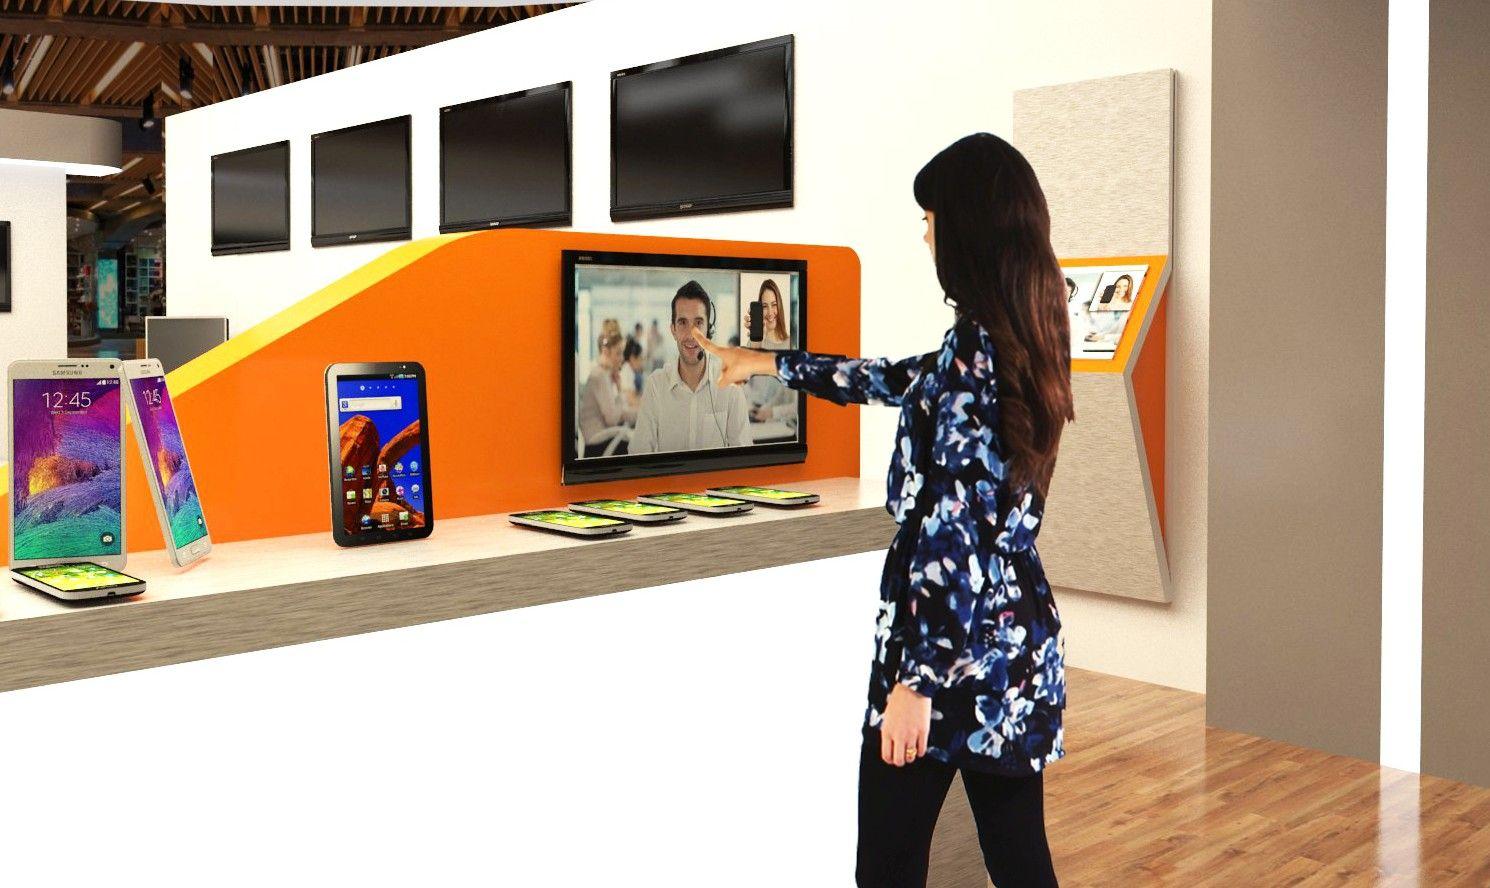 Digitales Shop in Shop Konzept für die Digitalisierung des Handels